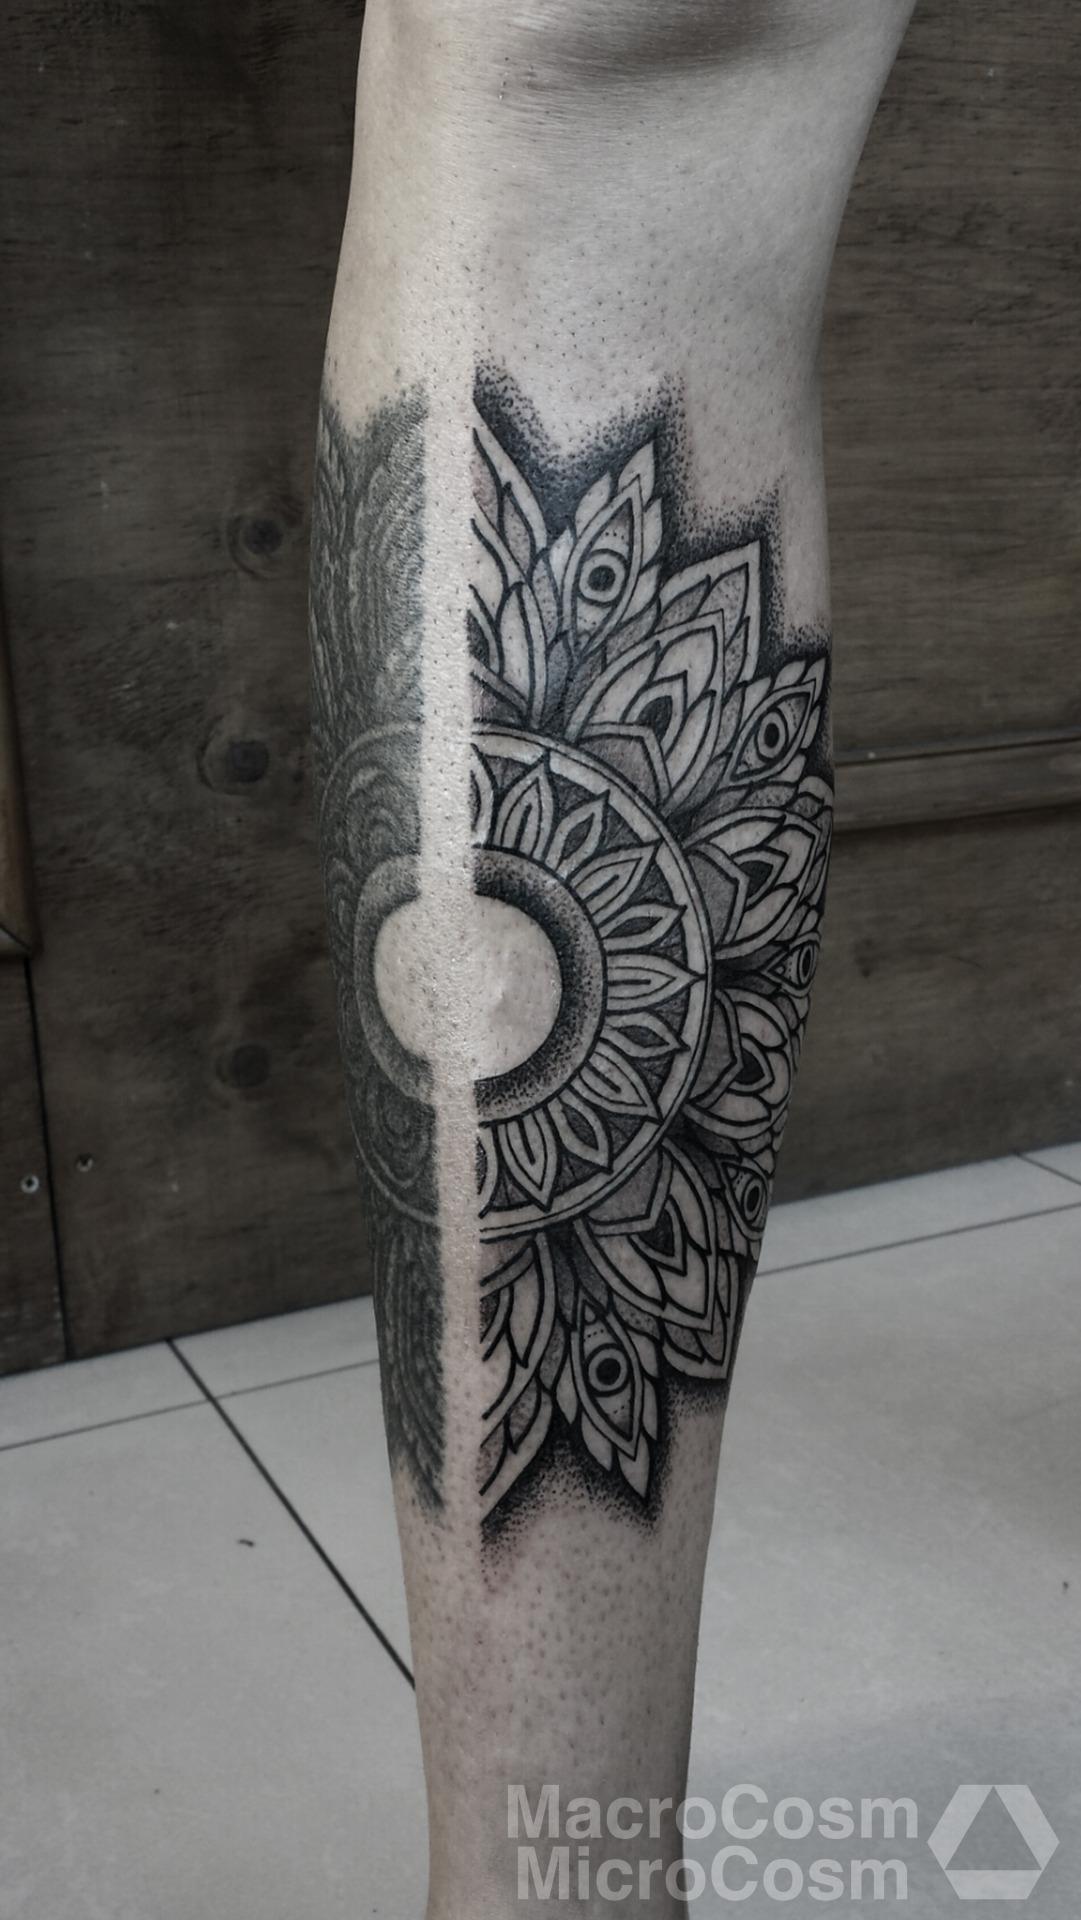 Cosmic Karma, tattoo artist (5)